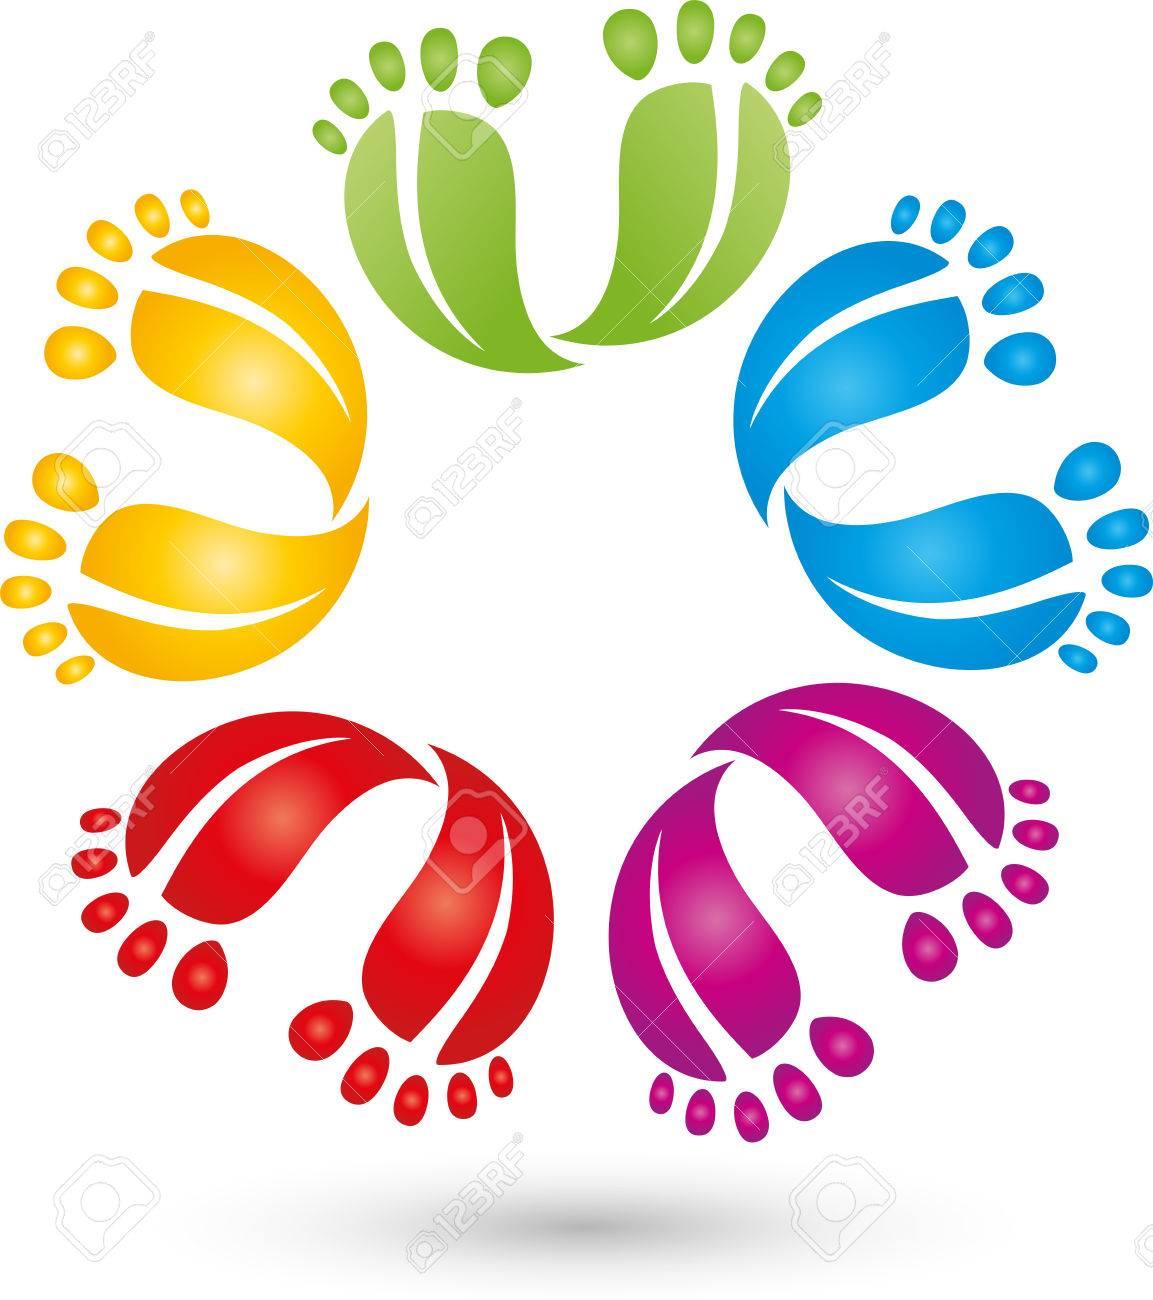 Many feet icon - 58384374